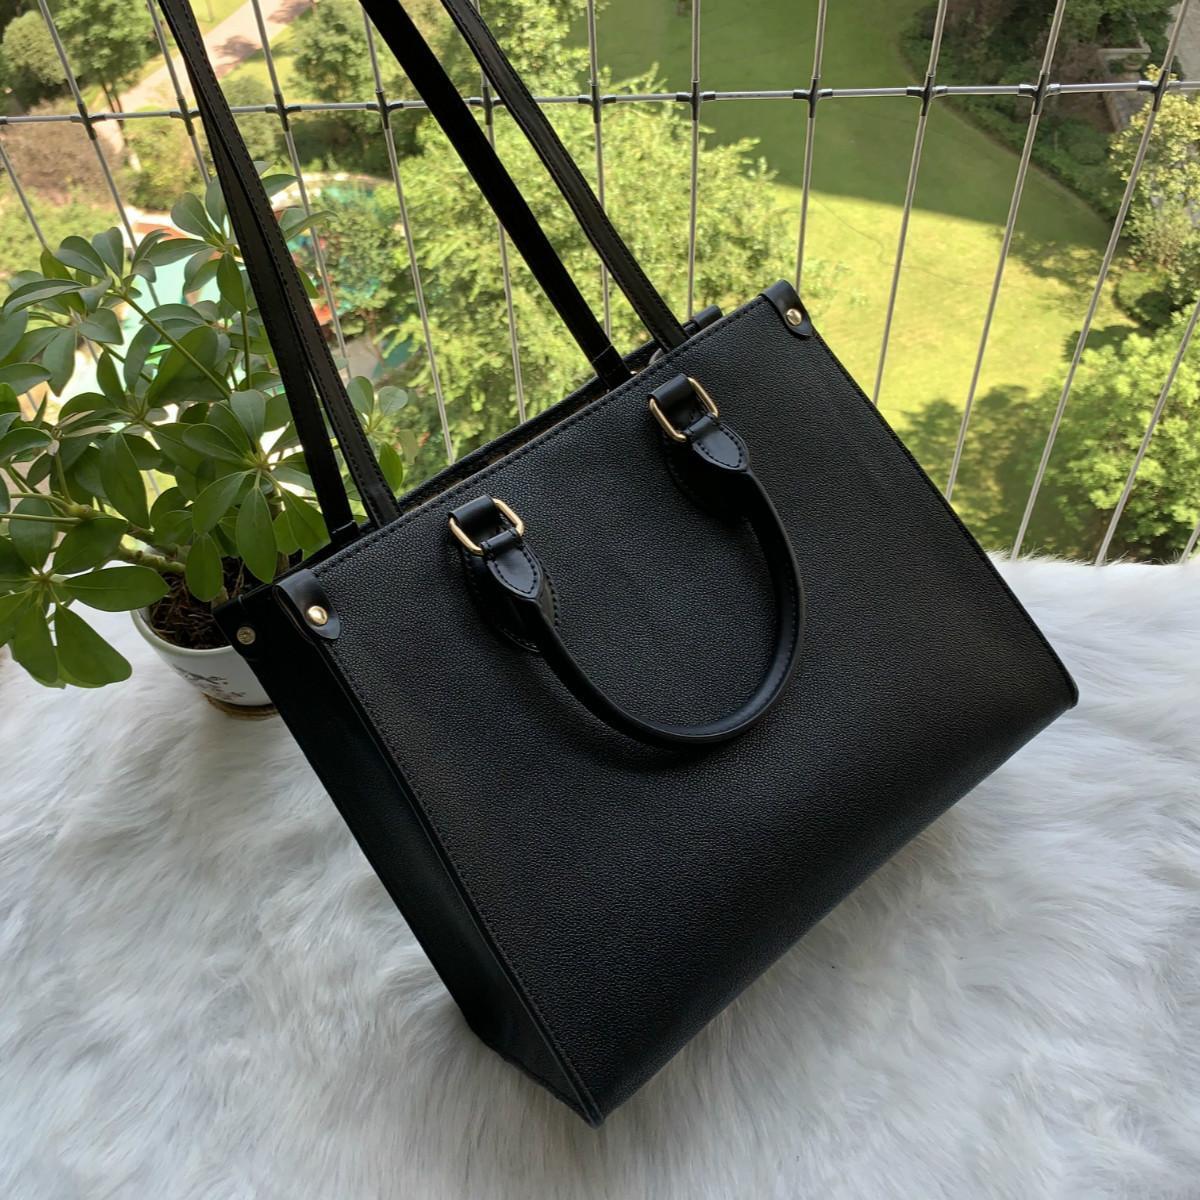 Famoso lienzo bordado bolsas bolsas bolsas bolsas billetera billetera bolsas de calidad compras whlao bolso bolso bolso de tote alto bolso cruz cuerpo uakbl